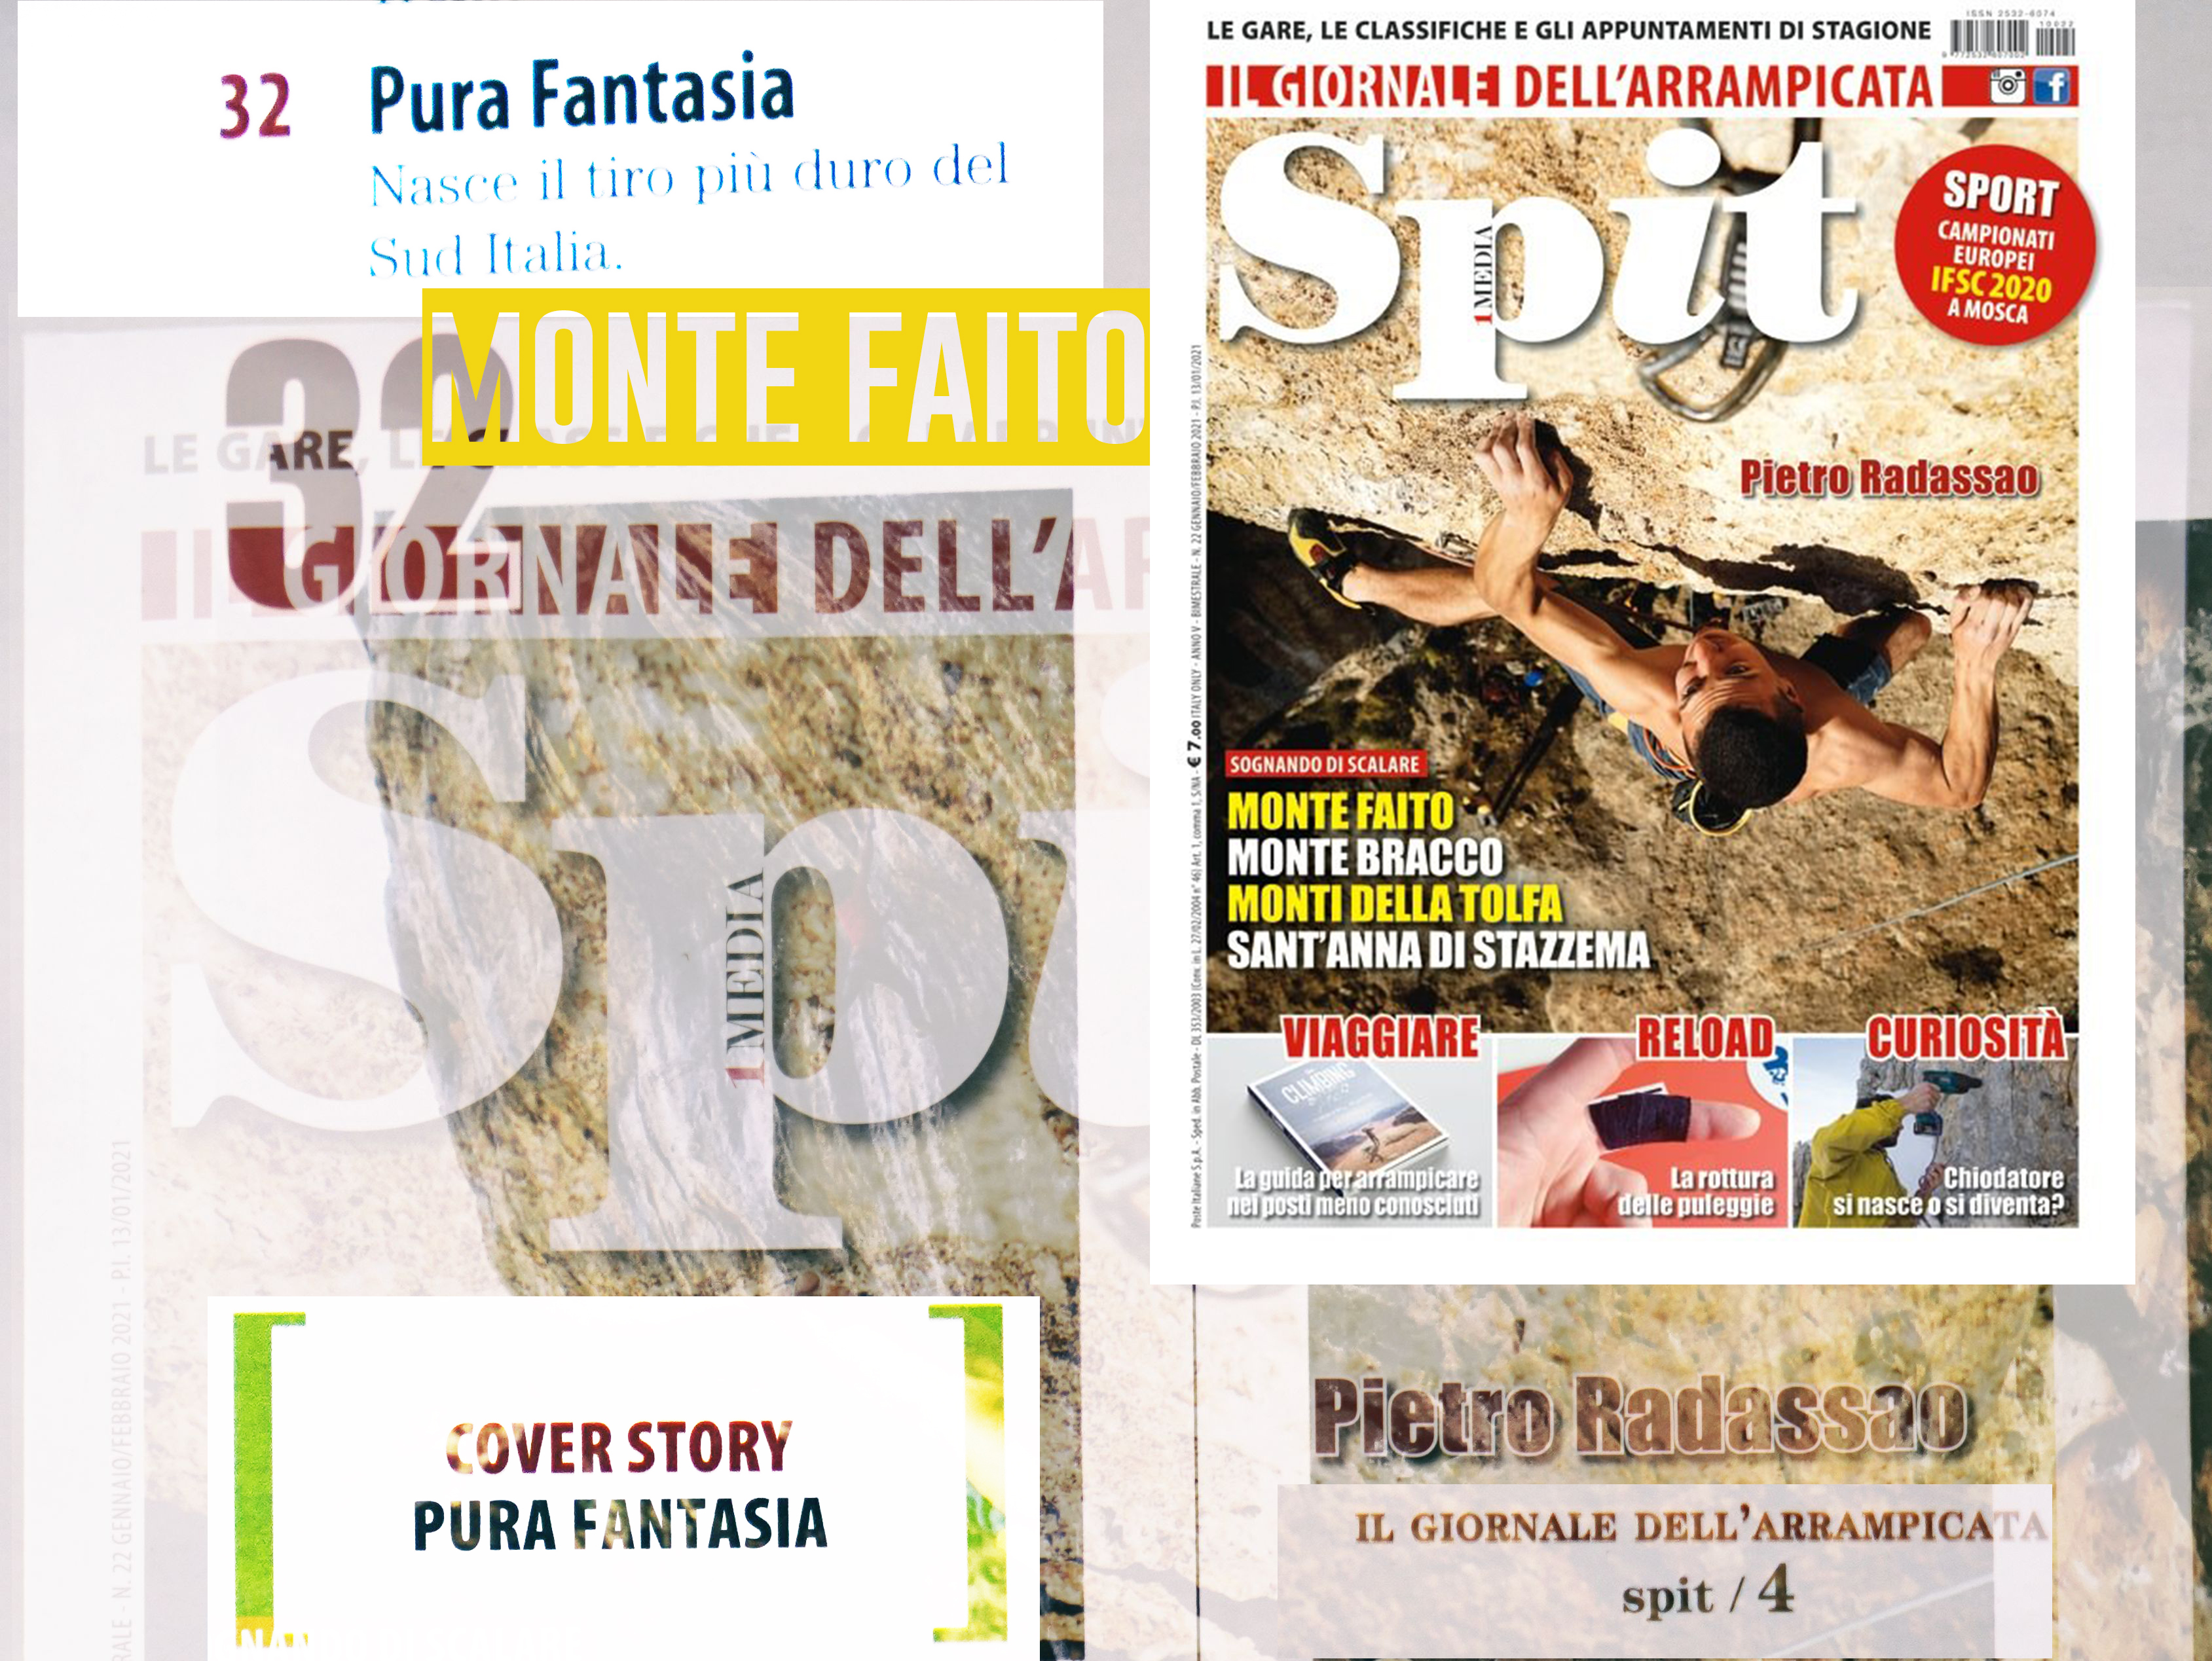 (Italiano) PURA FANTASIA 8C la via più dura…Andrea Sodano Per Spit Magazine